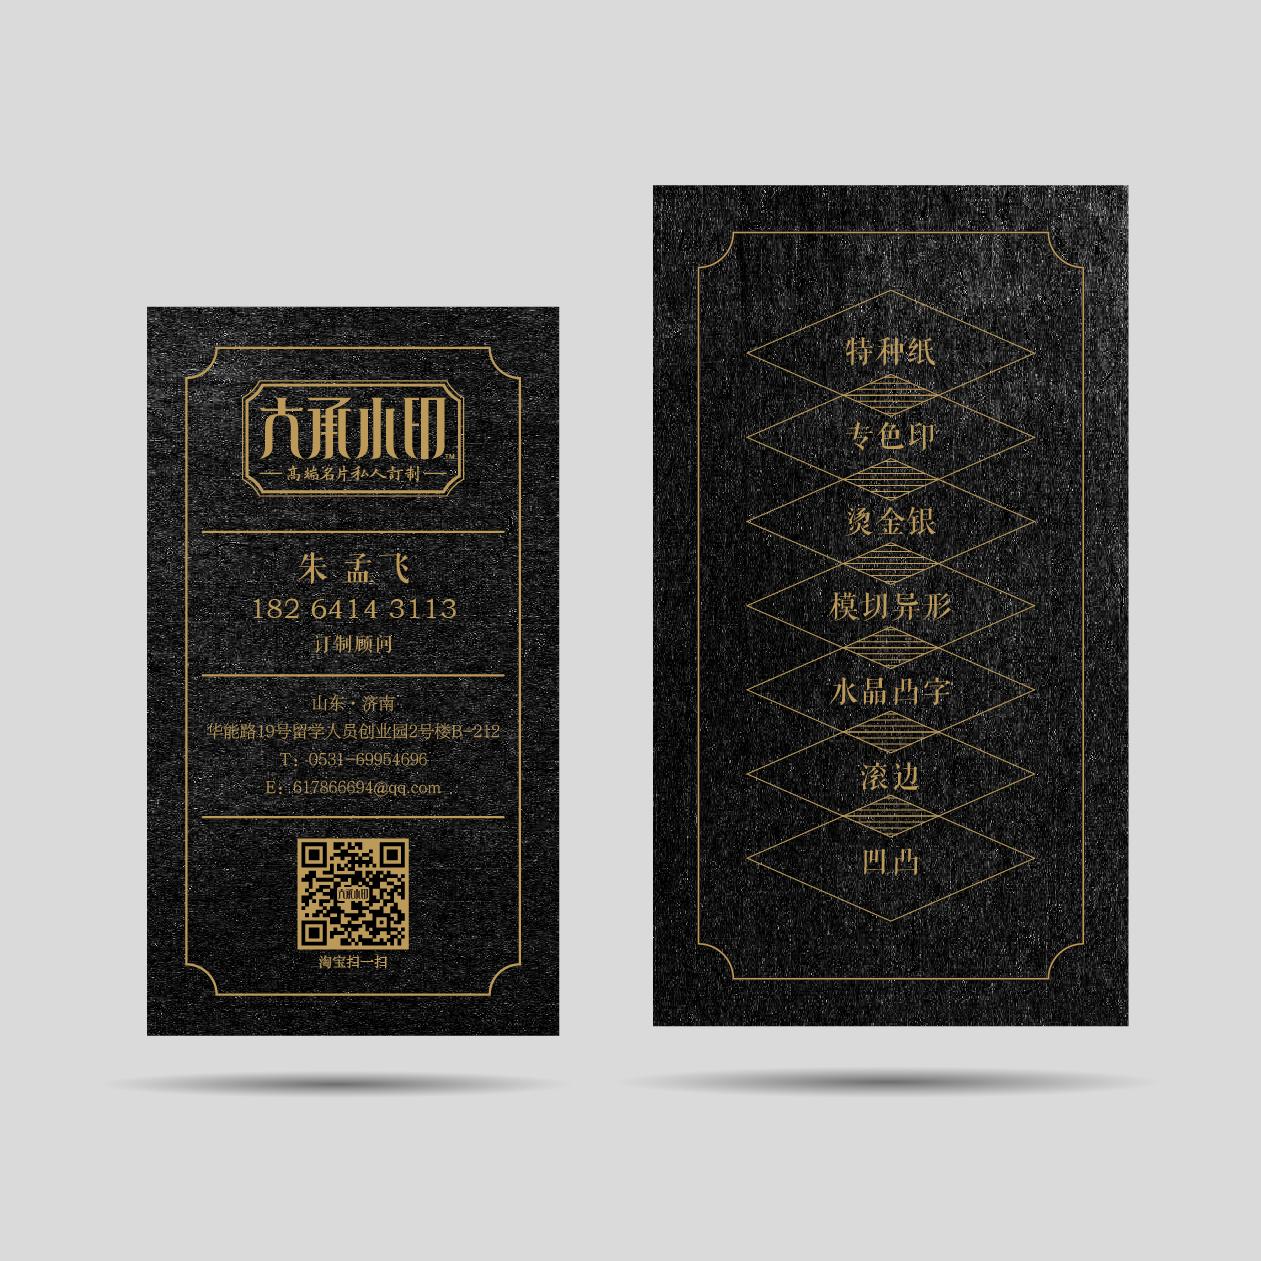 Большой медведь небольшой печать конец специальный тип визитная карточка капитал глубоко дизайнер дизайн краткий щедрый атмосферный класс удовлетворение вплоть до